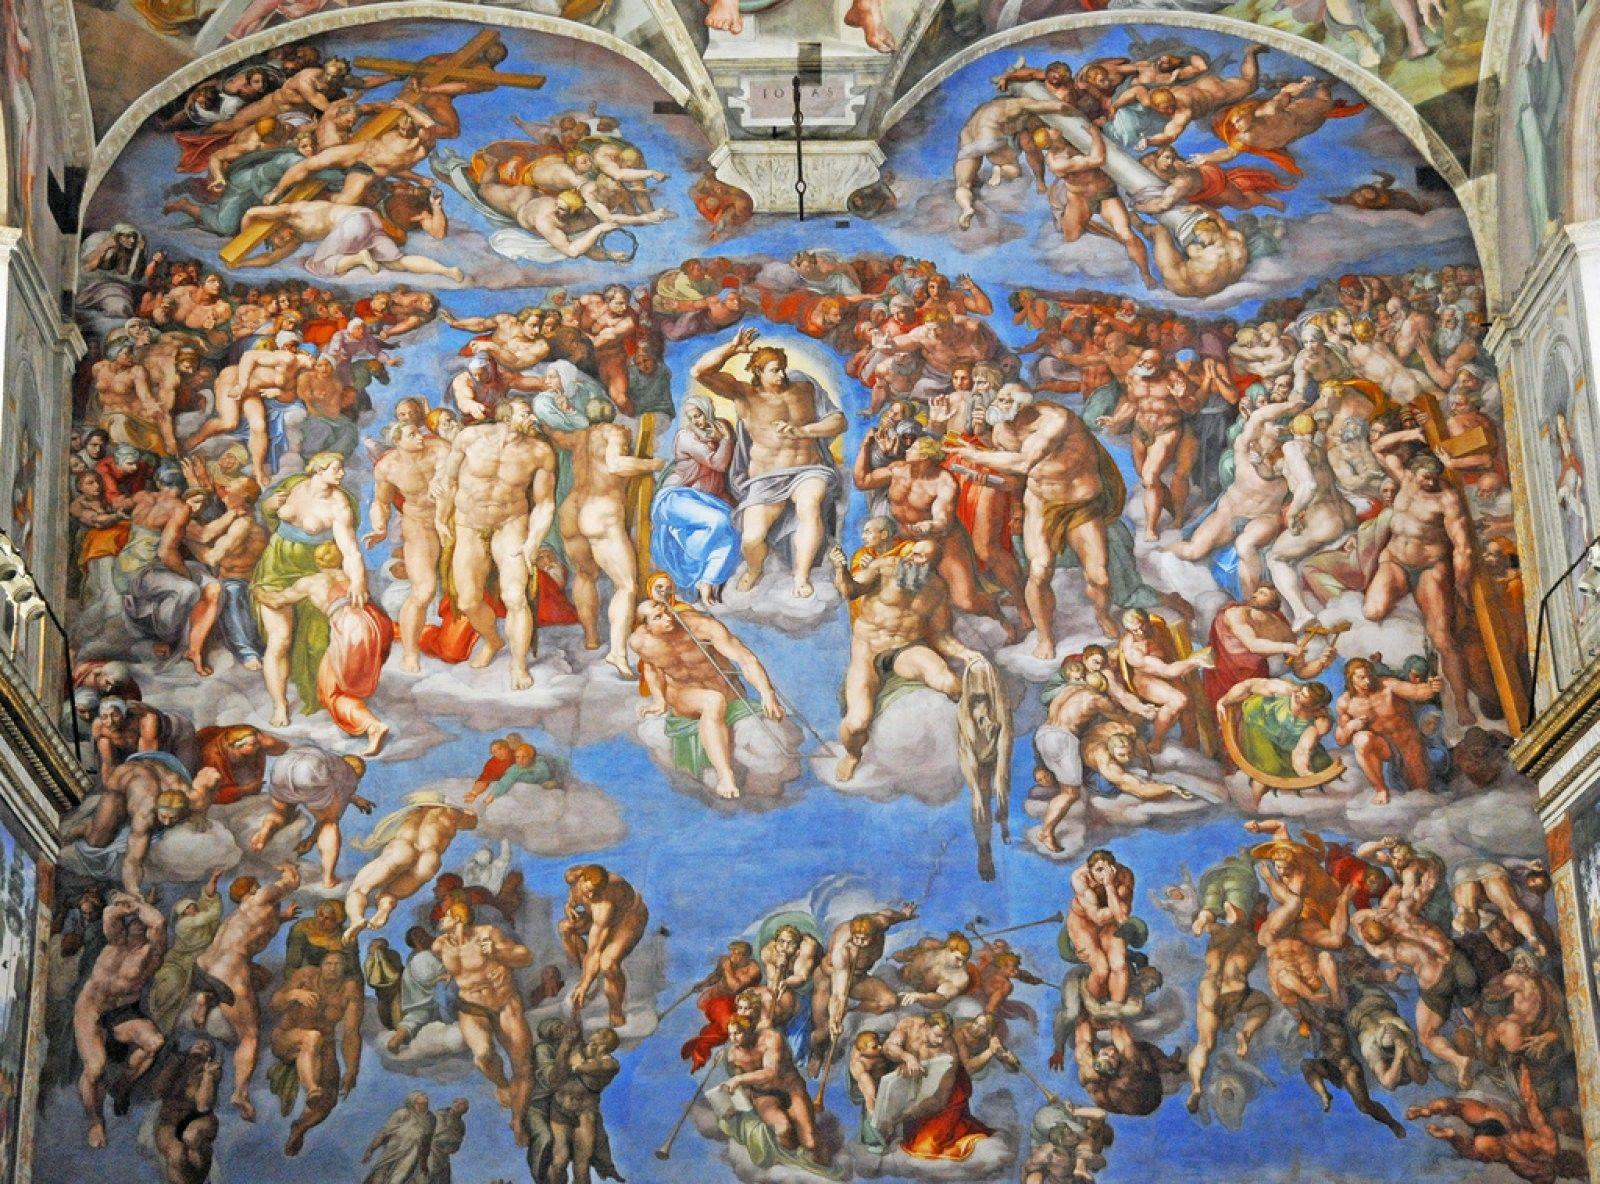 Las Obras Más Famosas De Miguel ángel Obras De Arte Producción Artística Arte